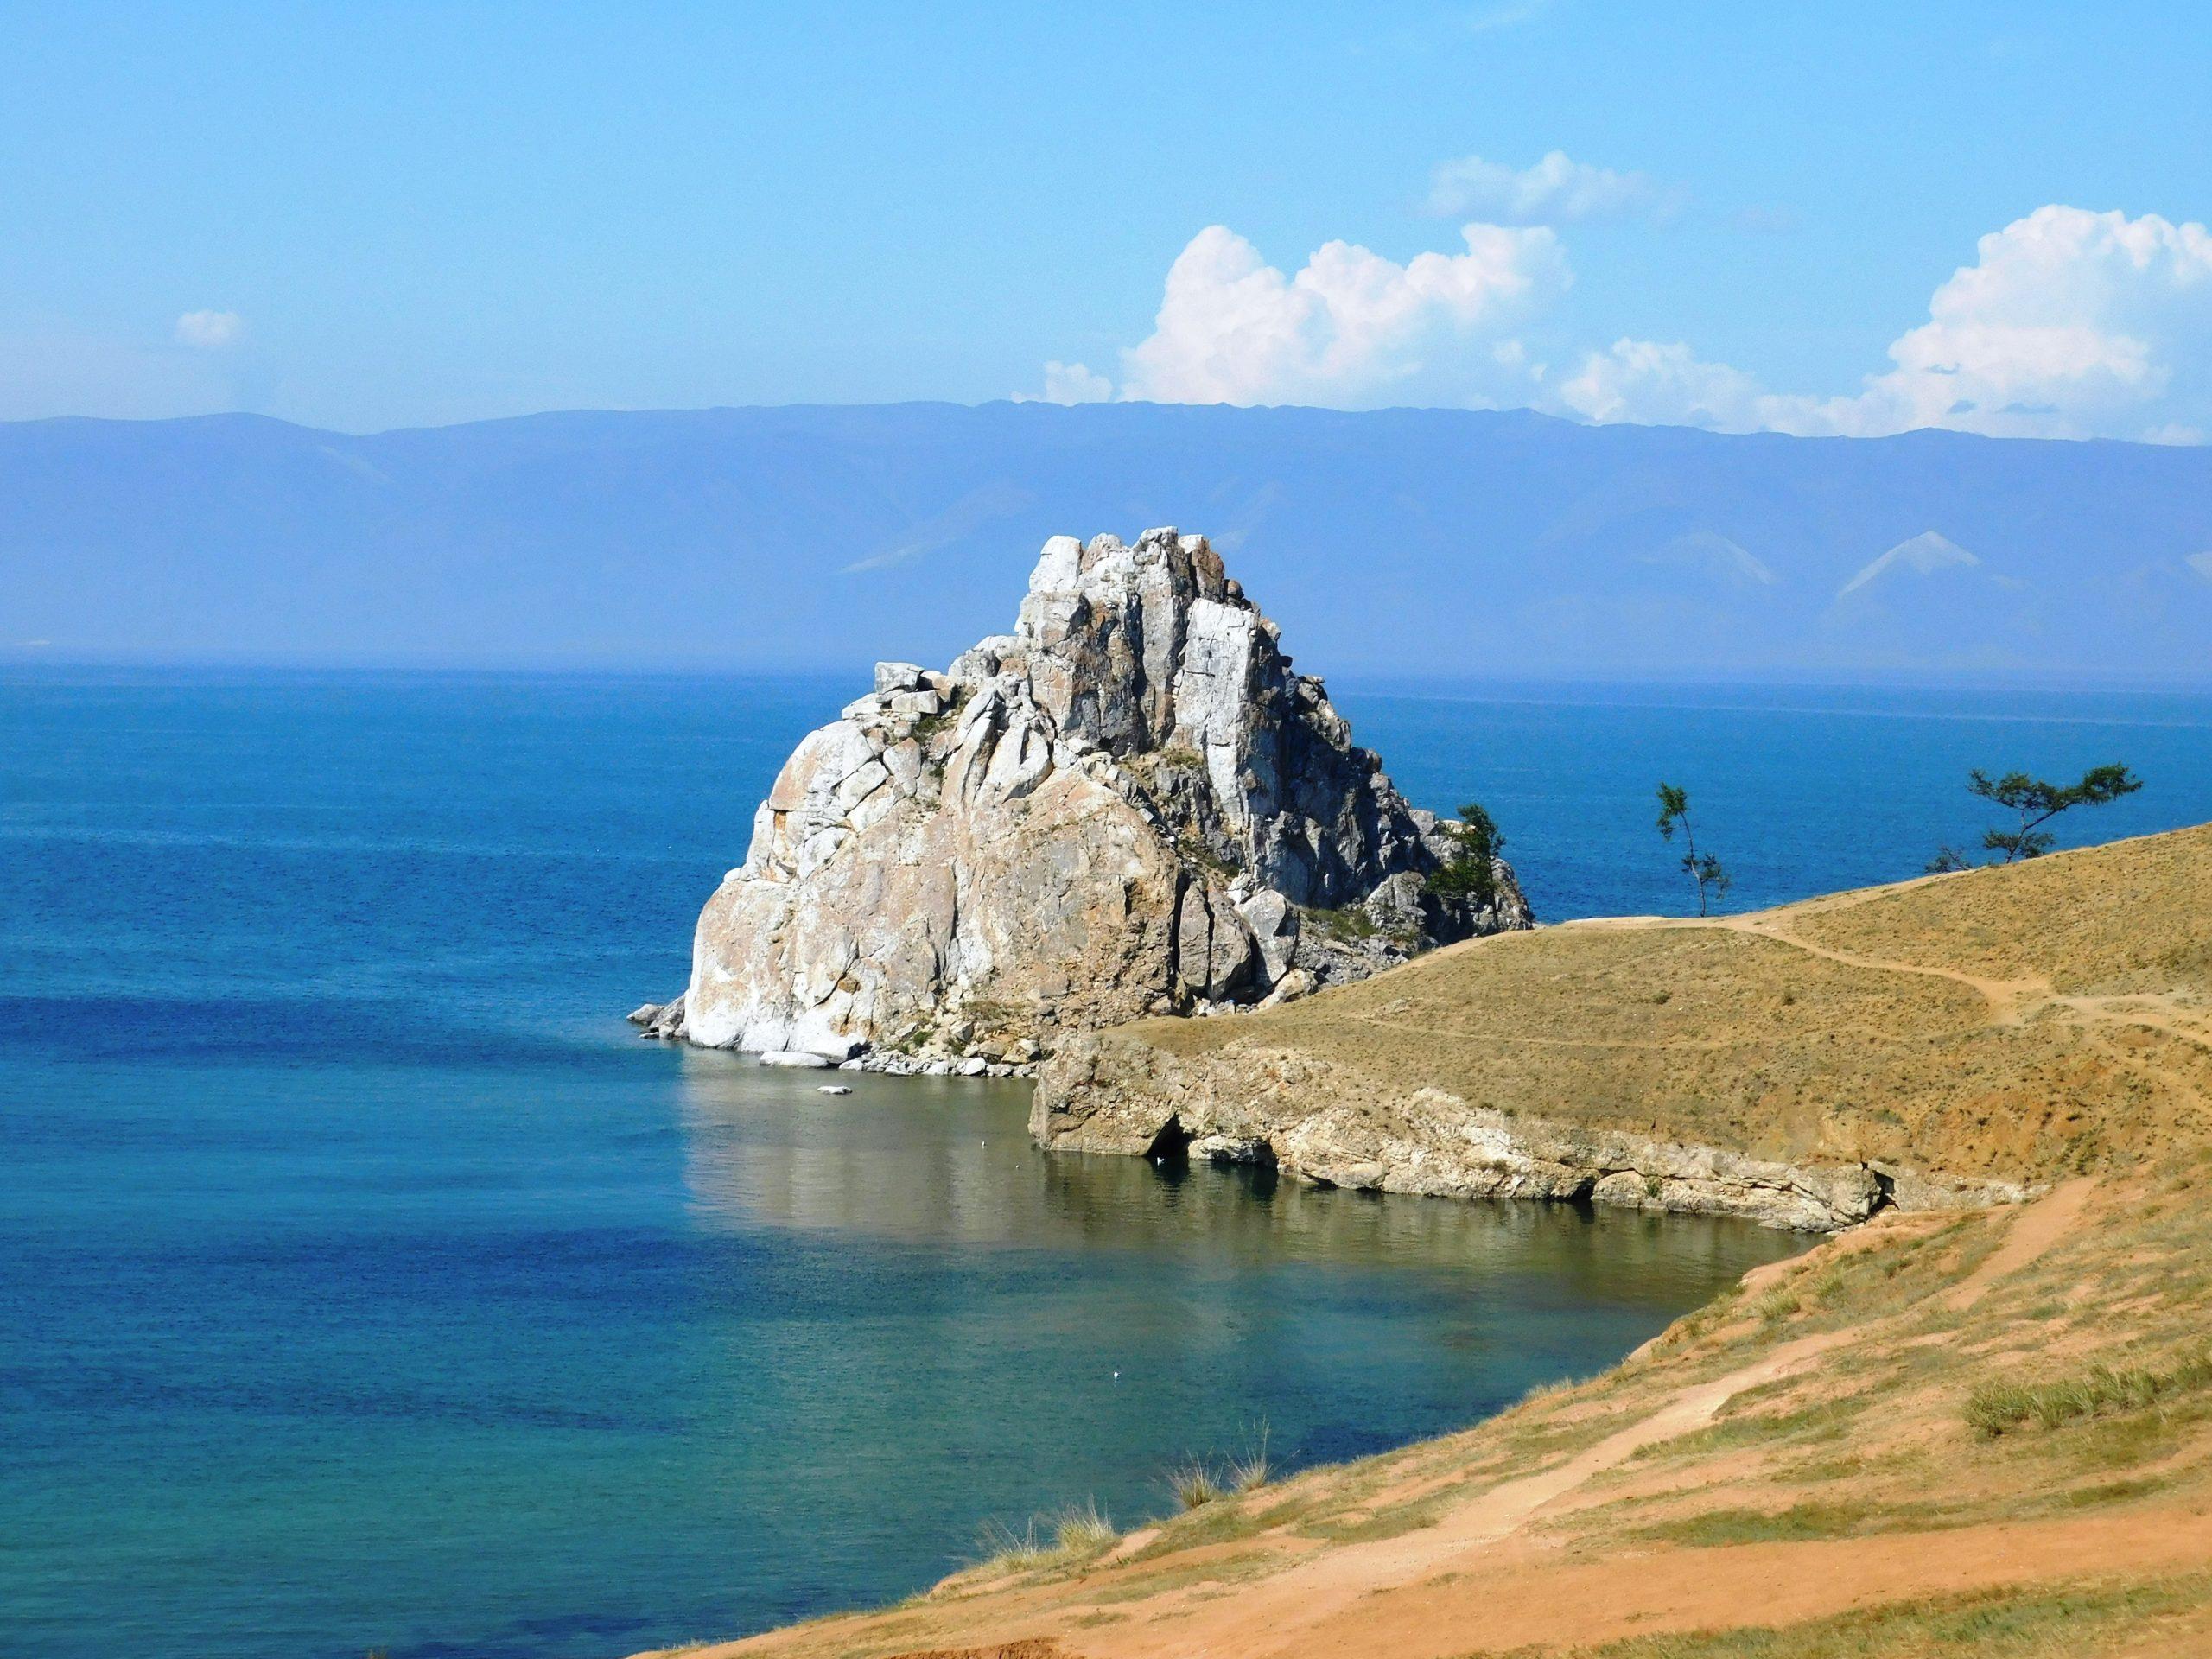 olchon wyspa bajkał skała szamanka